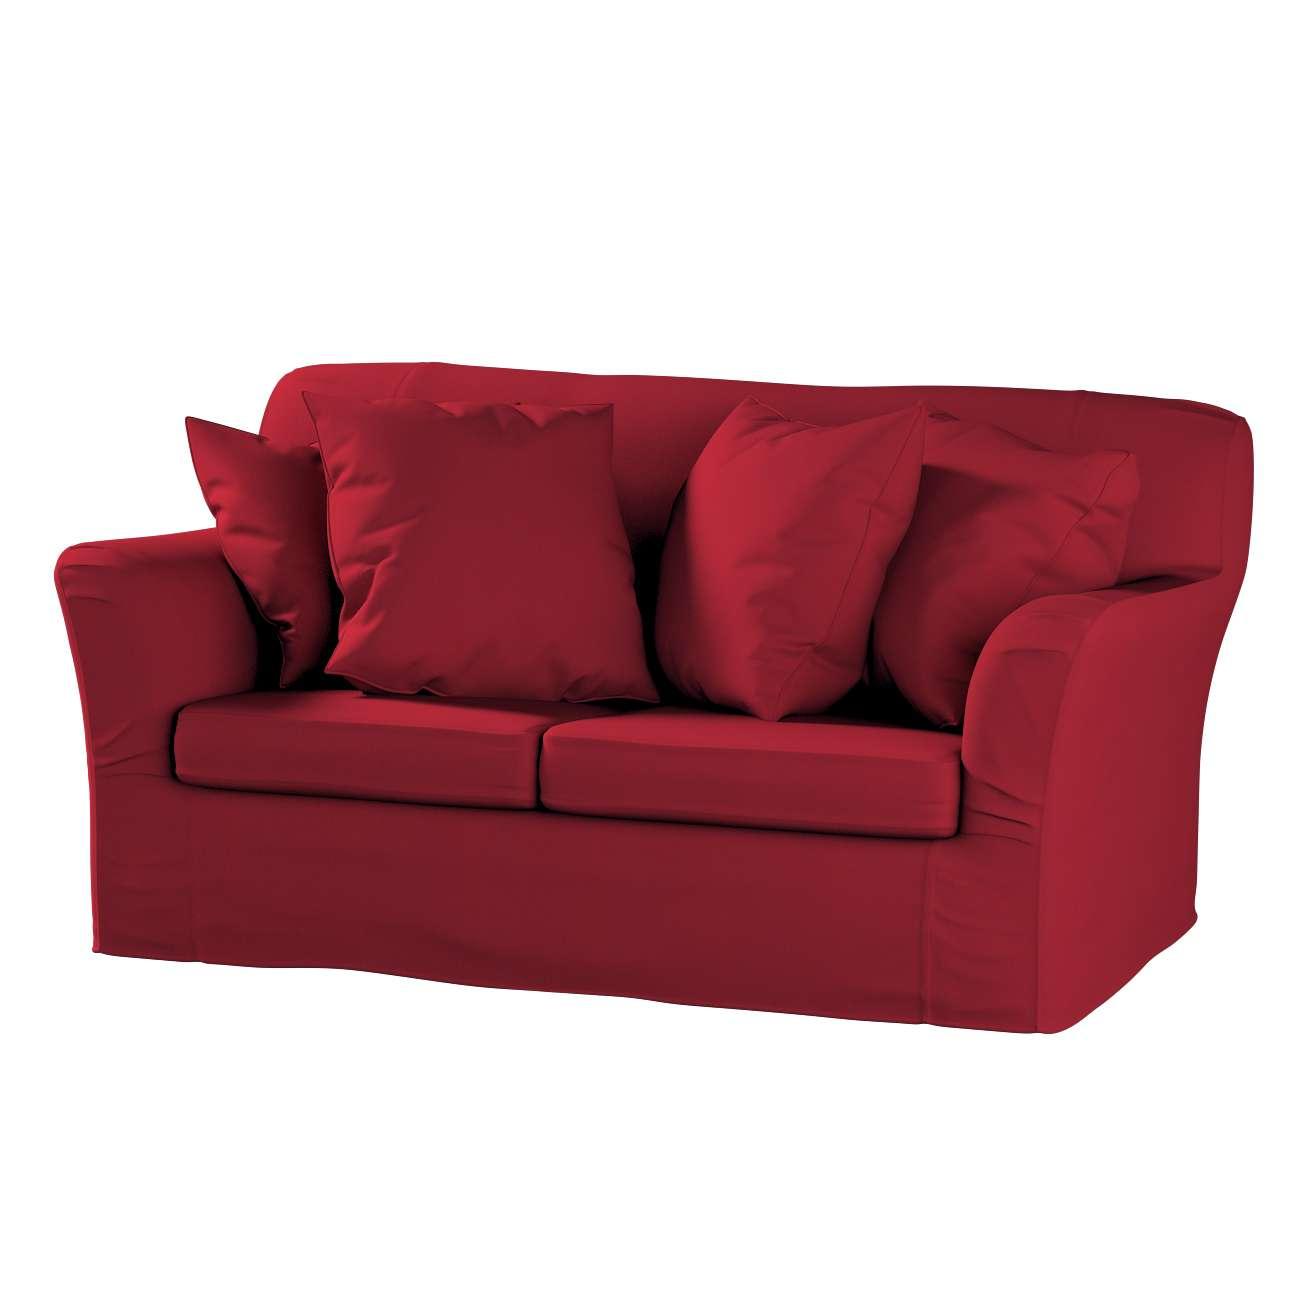 Pokrowiec na sofę Tomelilla 2-osobową nierozkładaną Sofa Tomelilla 2-osobowa w kolekcji Chenille, tkanina: 702-24